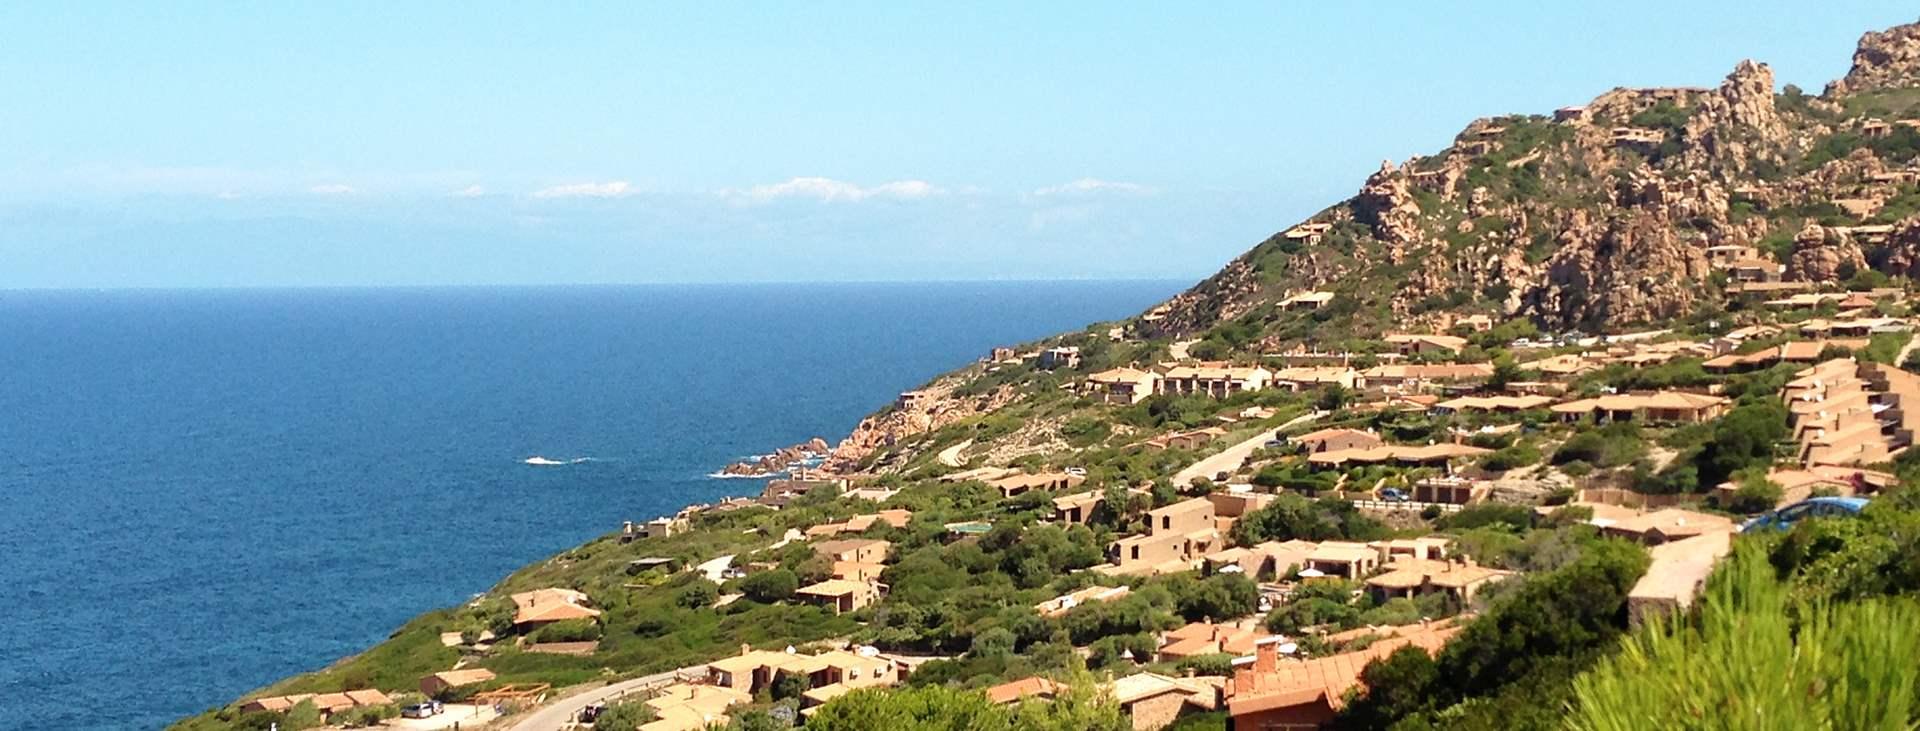 Boka din resa till Sardinien i Italien med Ving